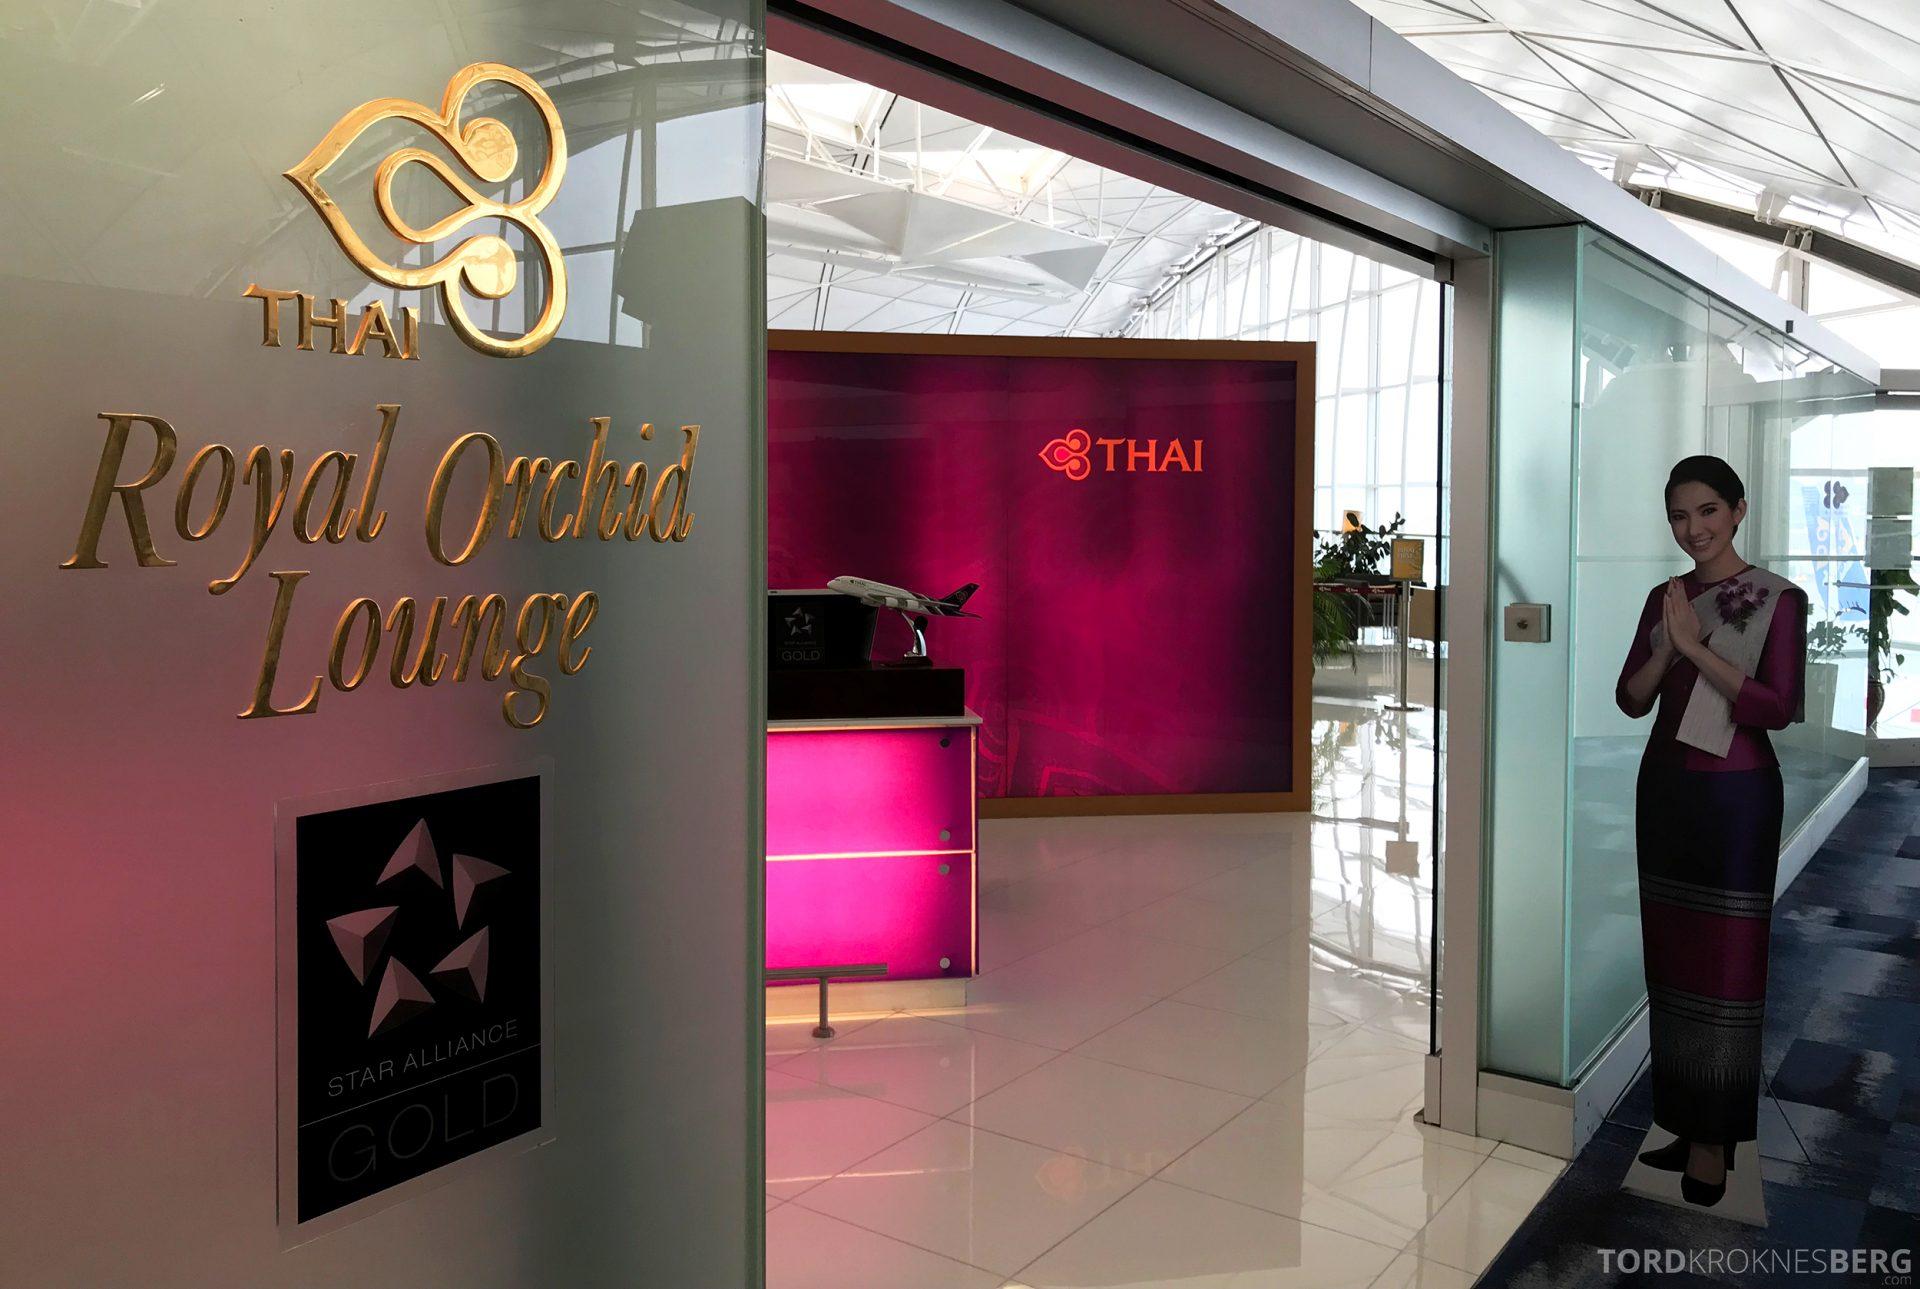 THAI Airways Royal Orchid Lounge Hong Kong inngang